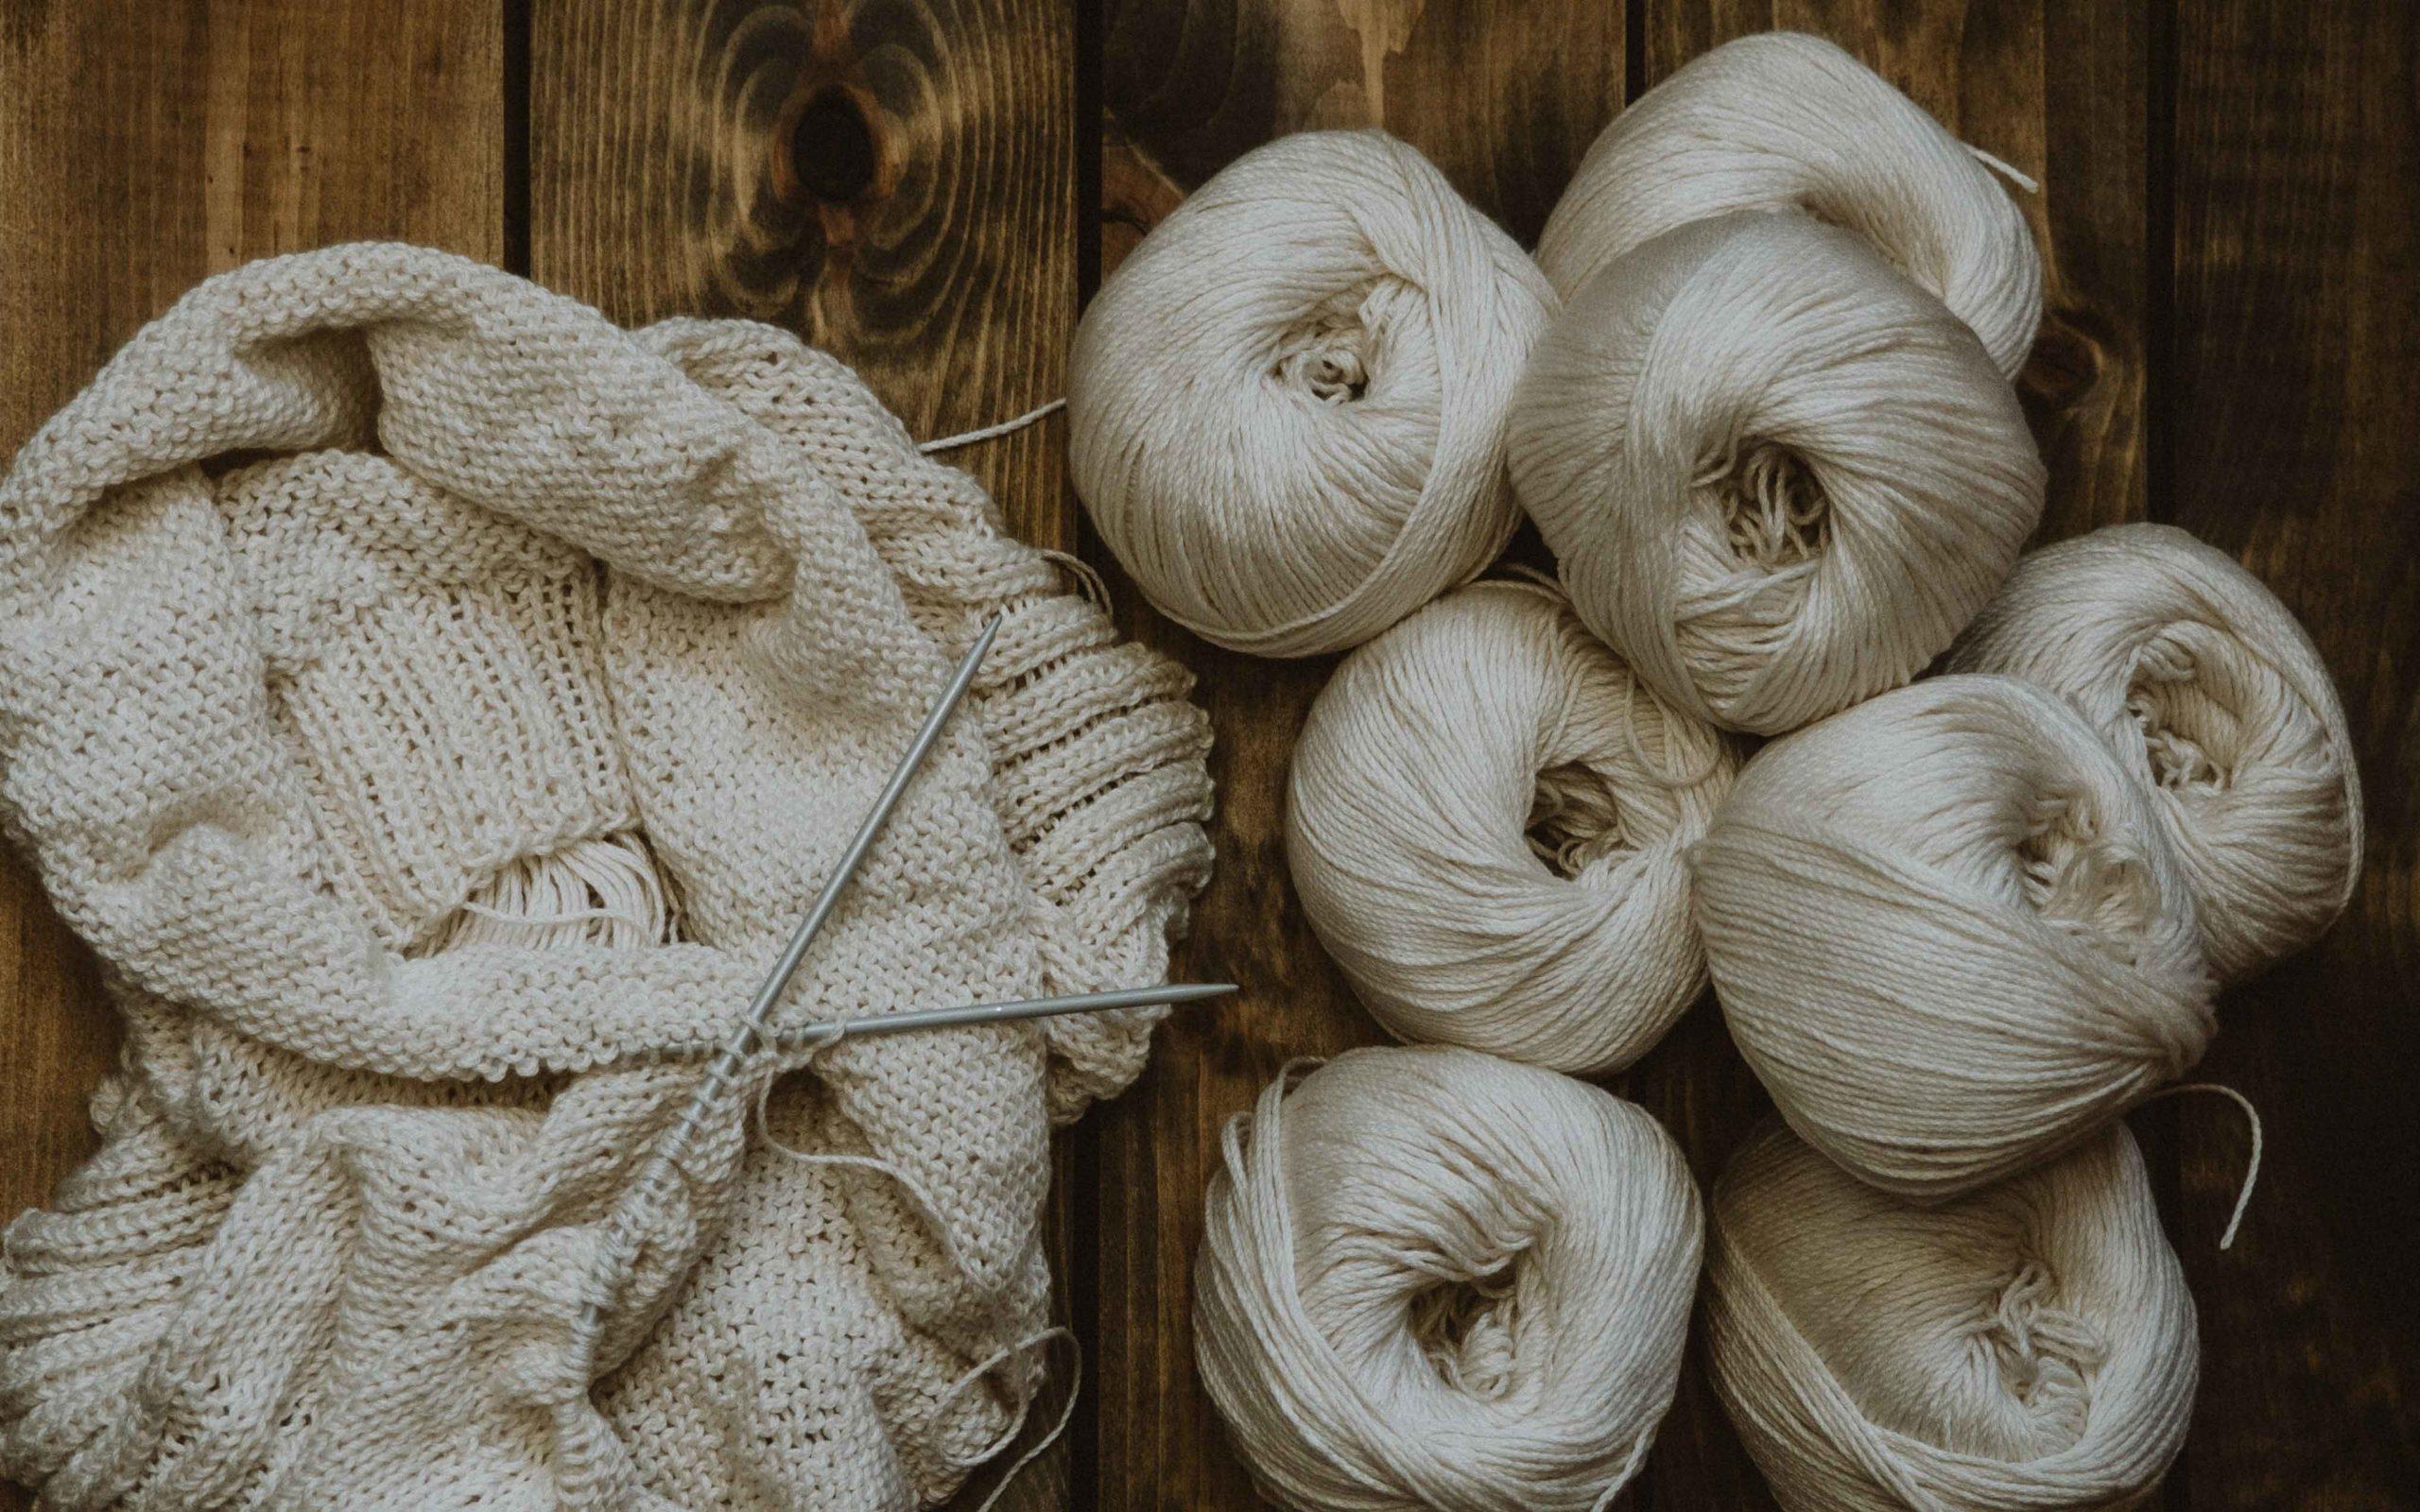 Wollknaeule mit Strickprojekt und Stricknadeln